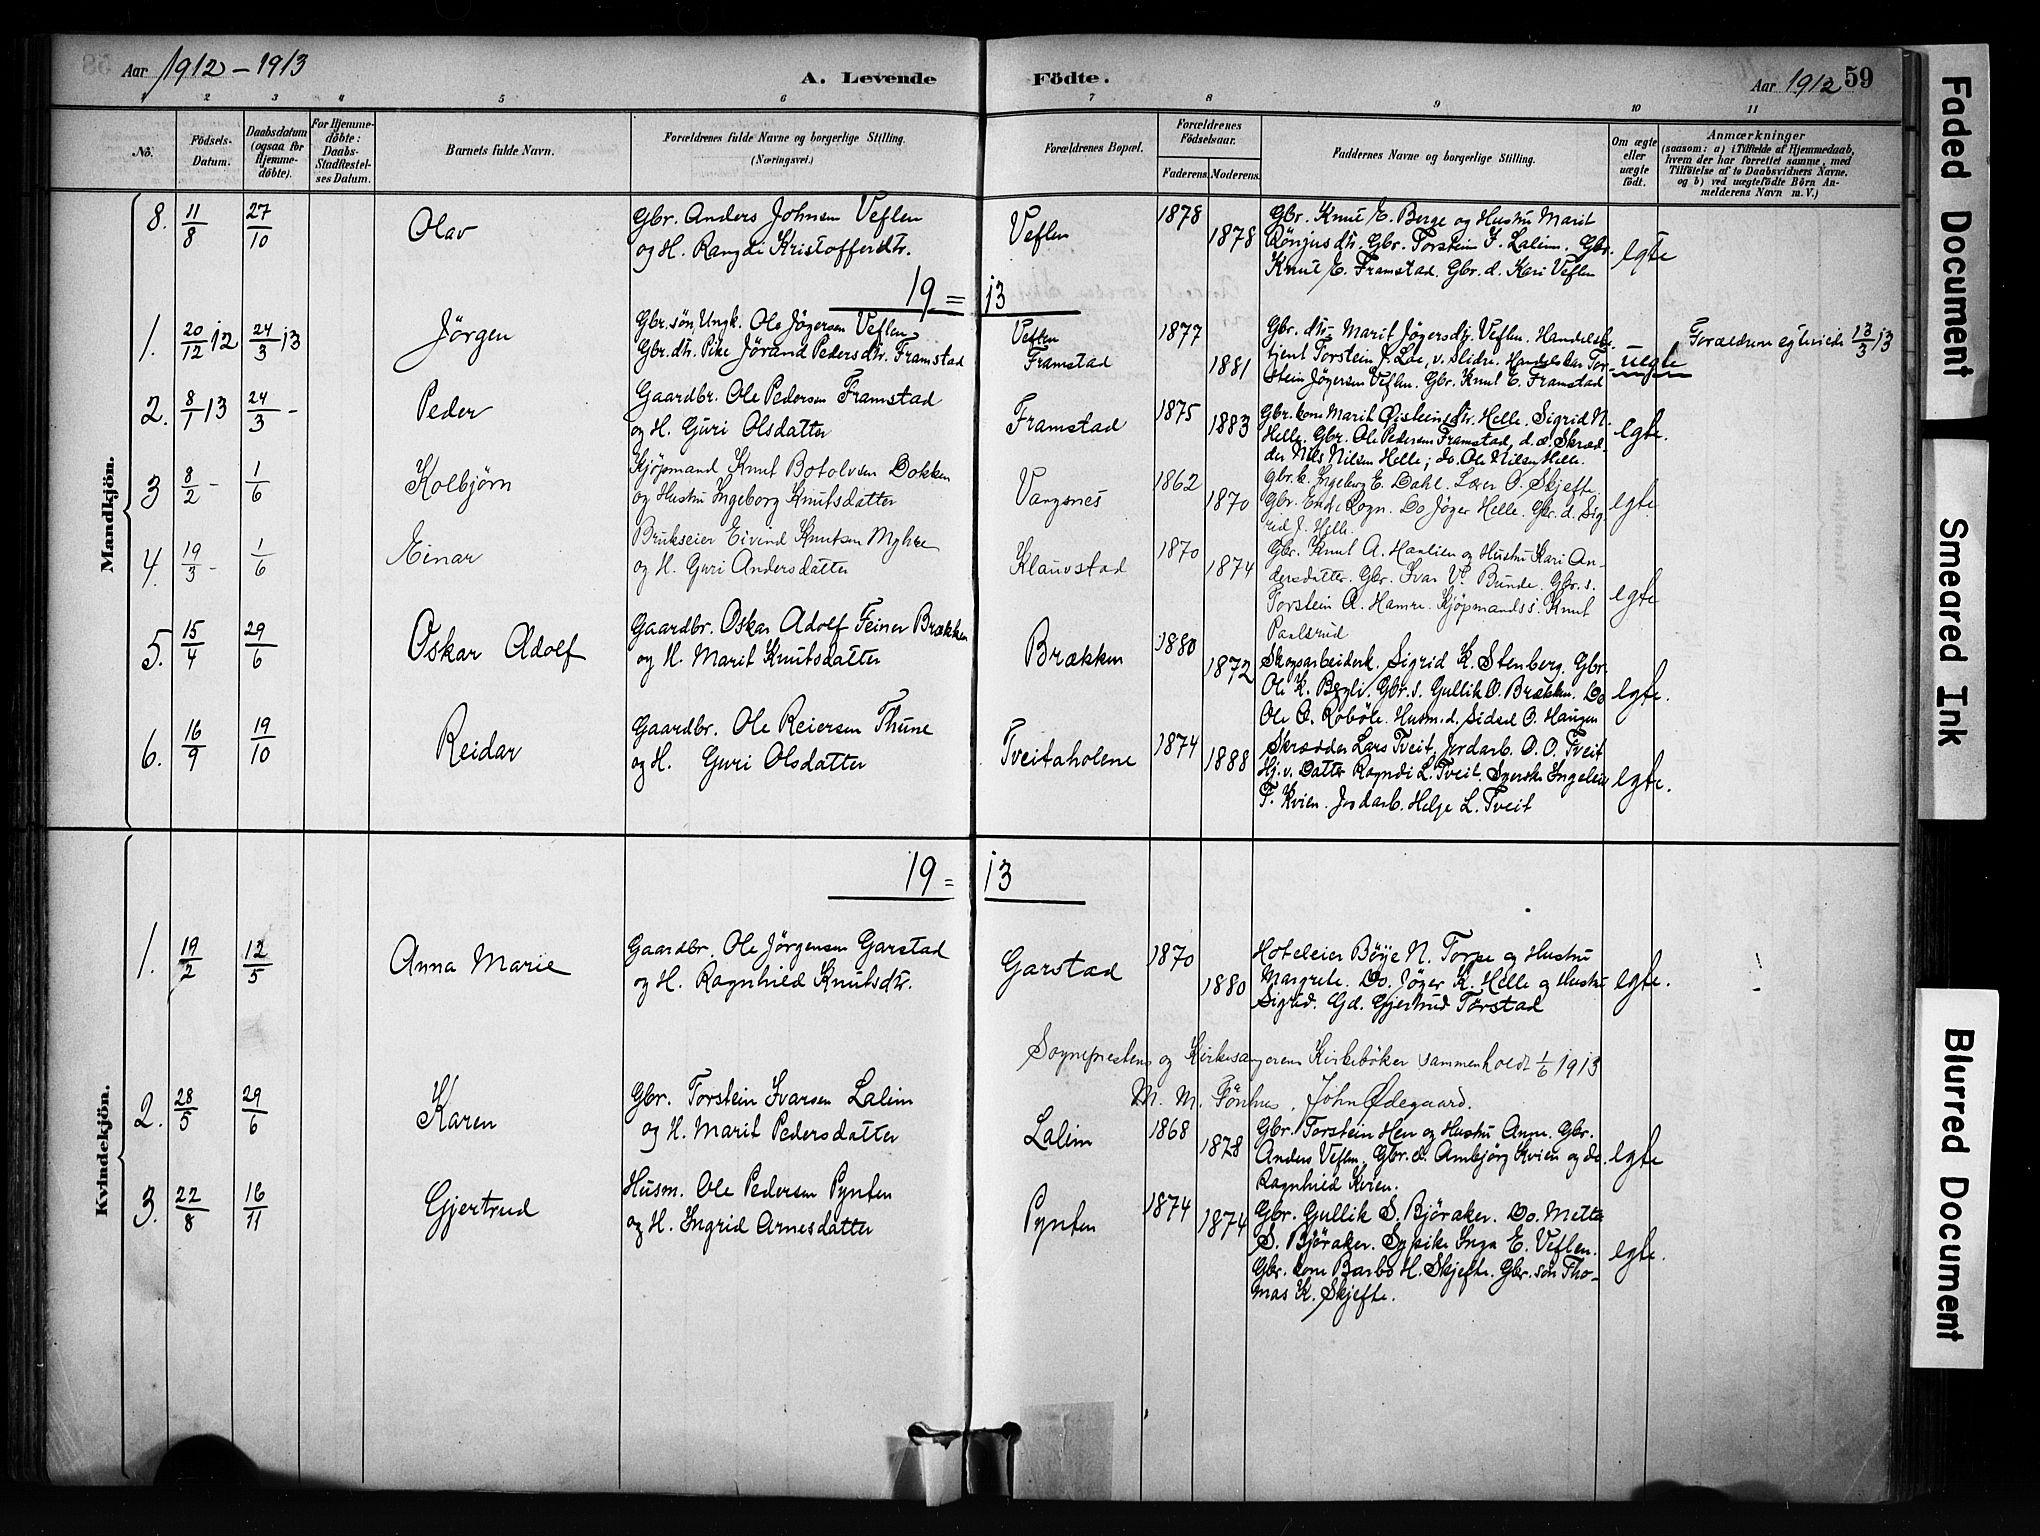 SAH, Vang prestekontor, Valdres, Ministerialbok nr. 9, 1882-1914, s. 59